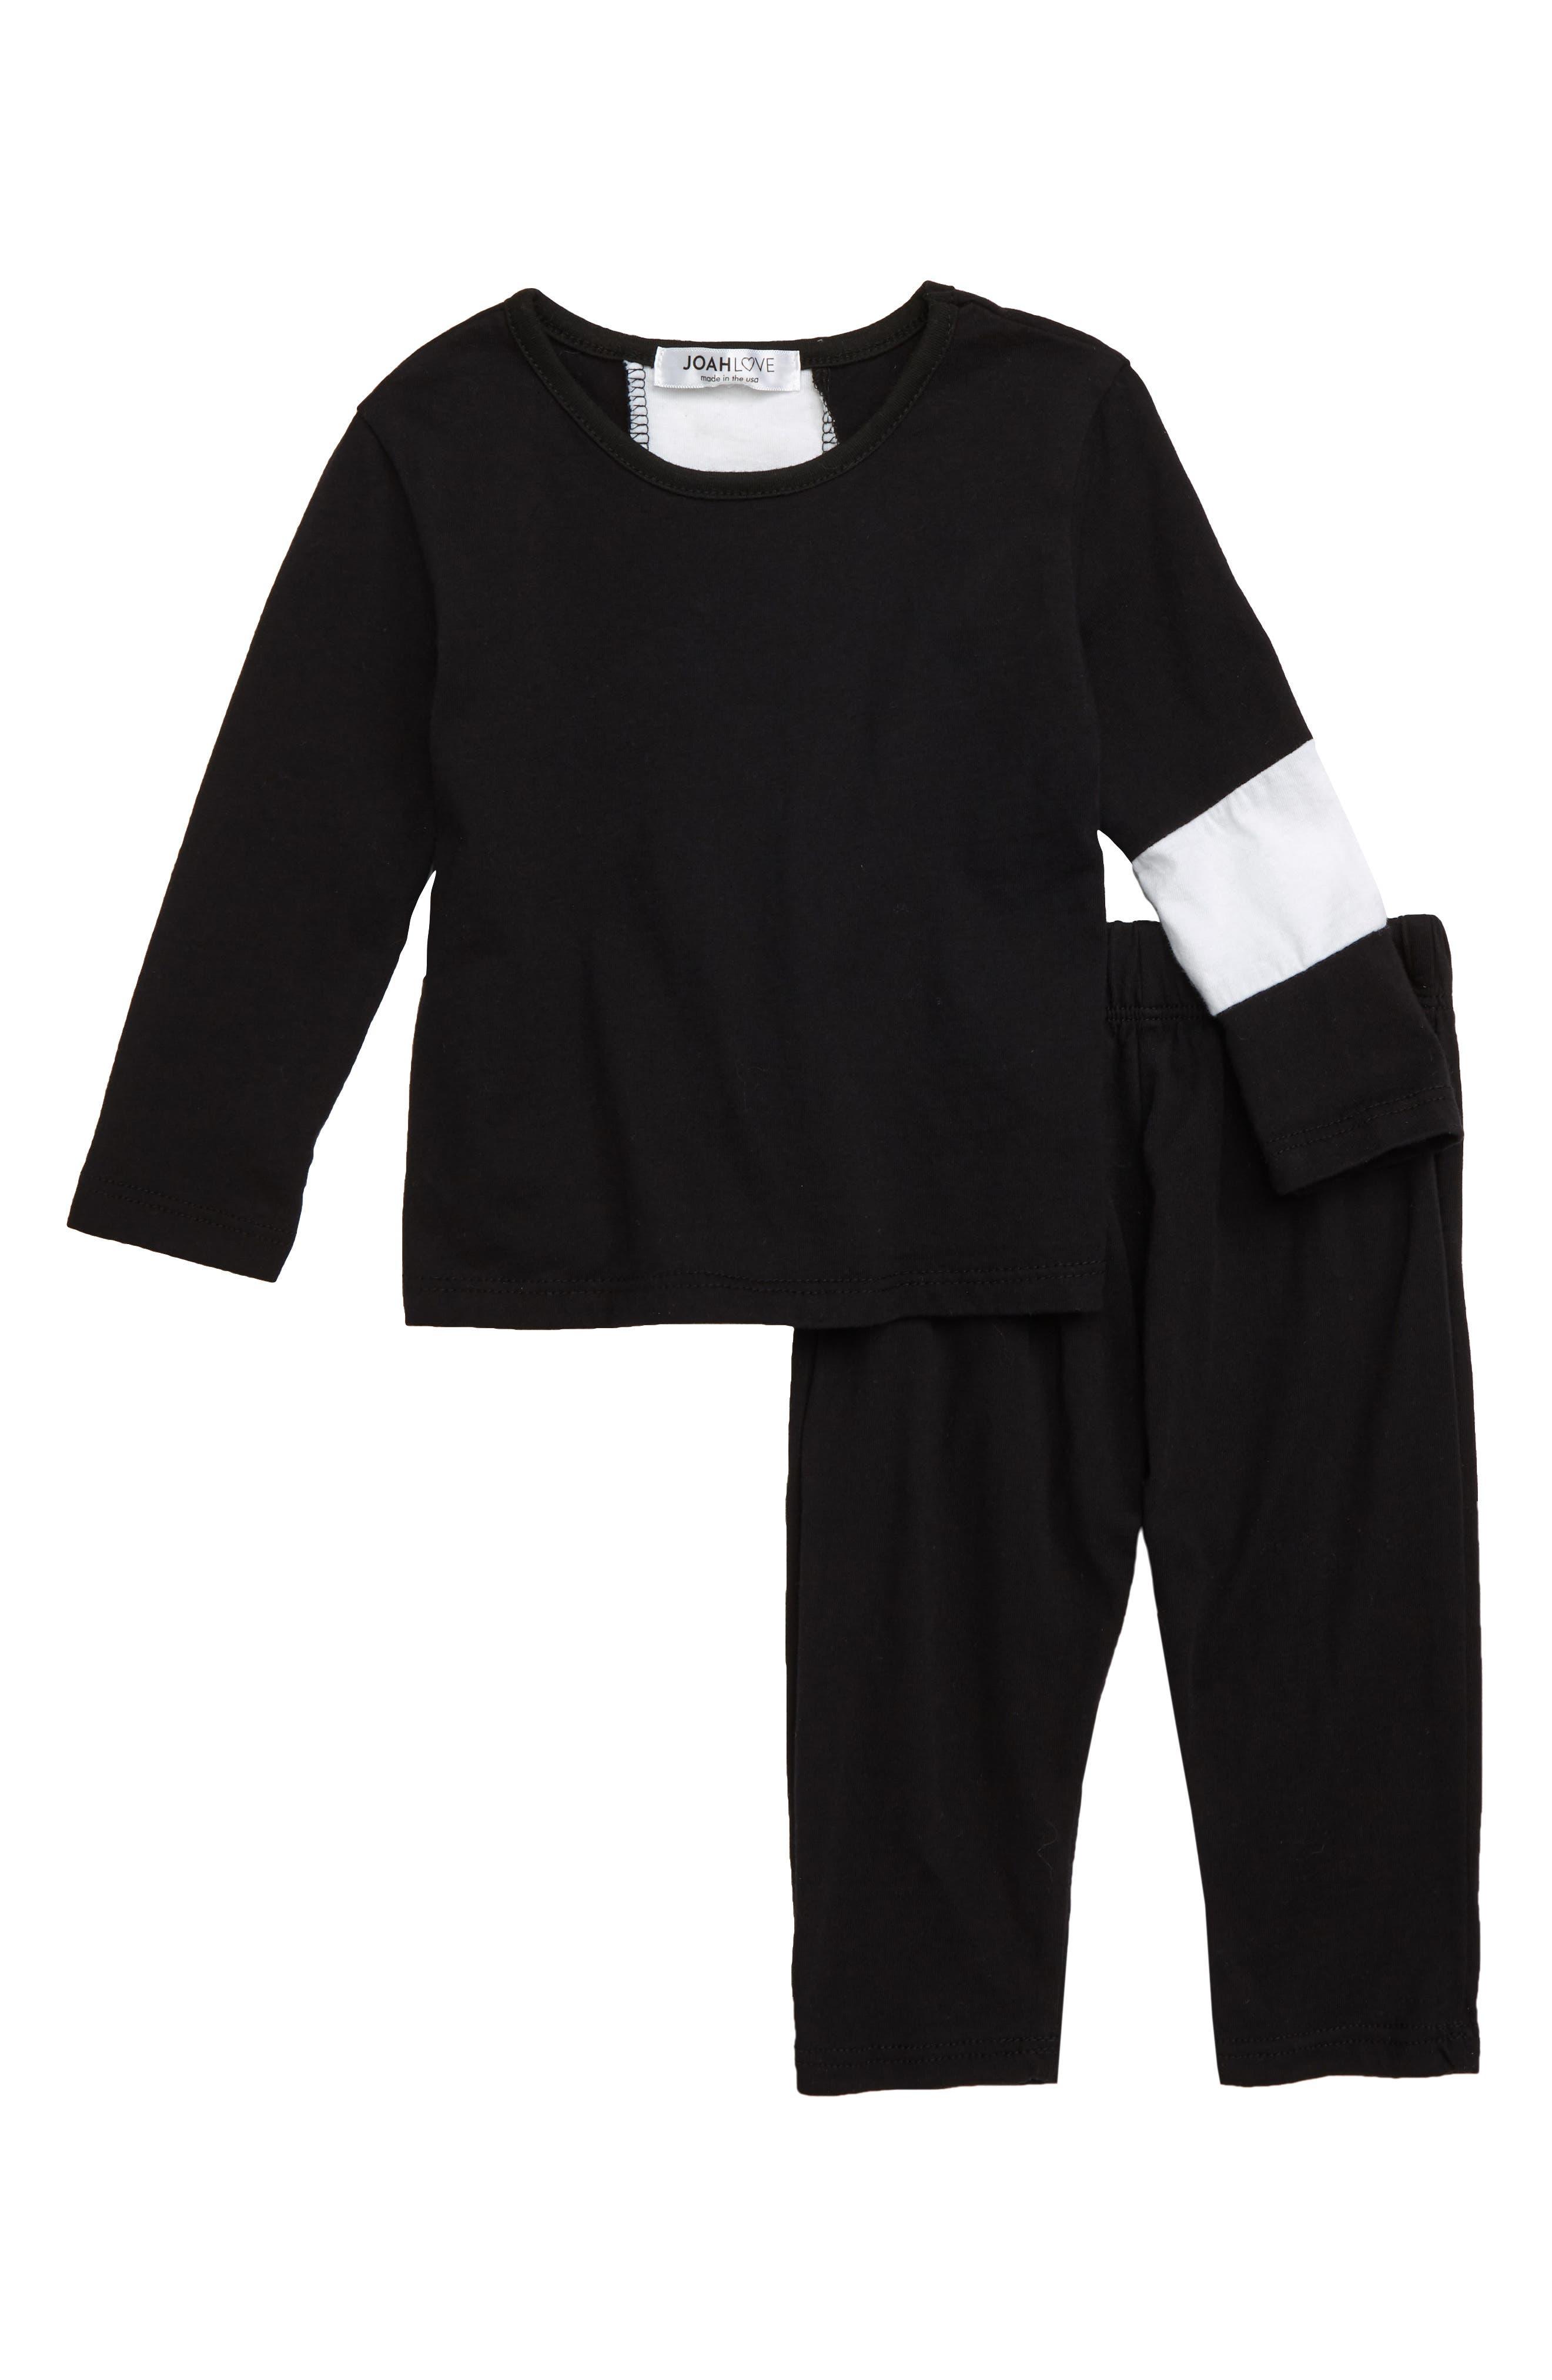 Colorblock Top & Pants Set, Main, color, BLACK